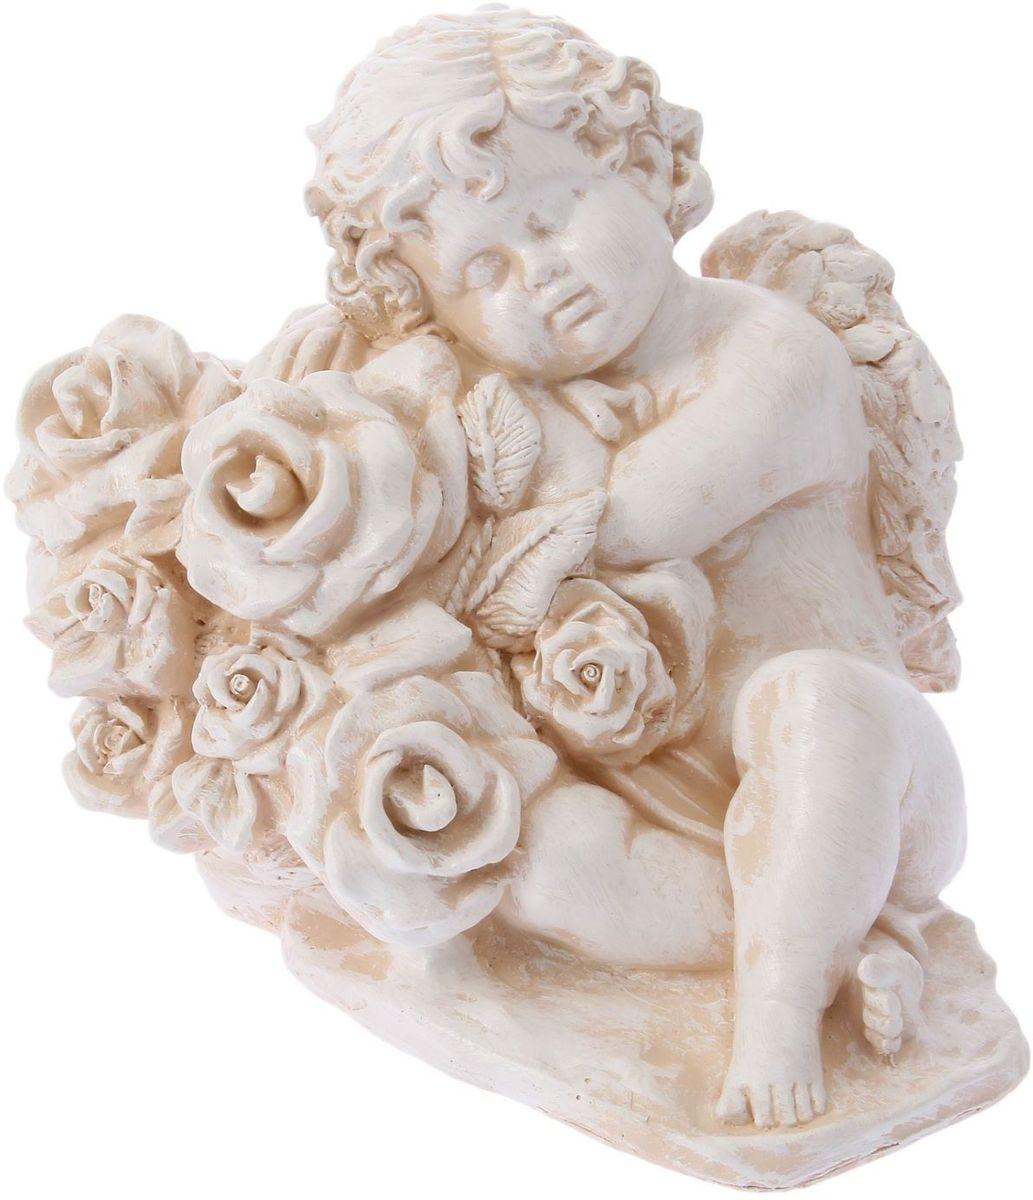 Фигура садовая Ангел с розами, цвет: бежевый, 25 х 18 х 30 см1303327Фигура садовая Ангел с розами - этот сувенир выполнен из качественного гипса. Фигура будет хранить воспоминание о месте, где вы побывали, или о том человеке, который подарил данный предмет.